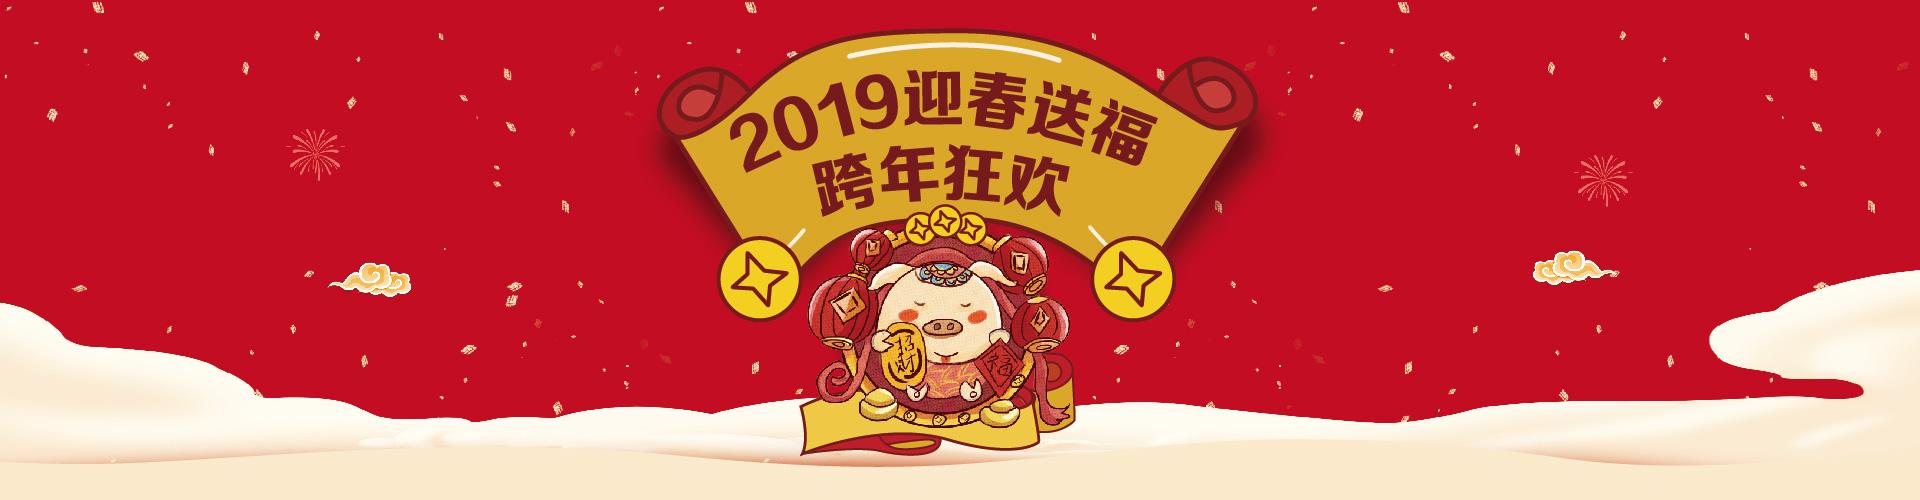 2019迎春送福跨年狂欢